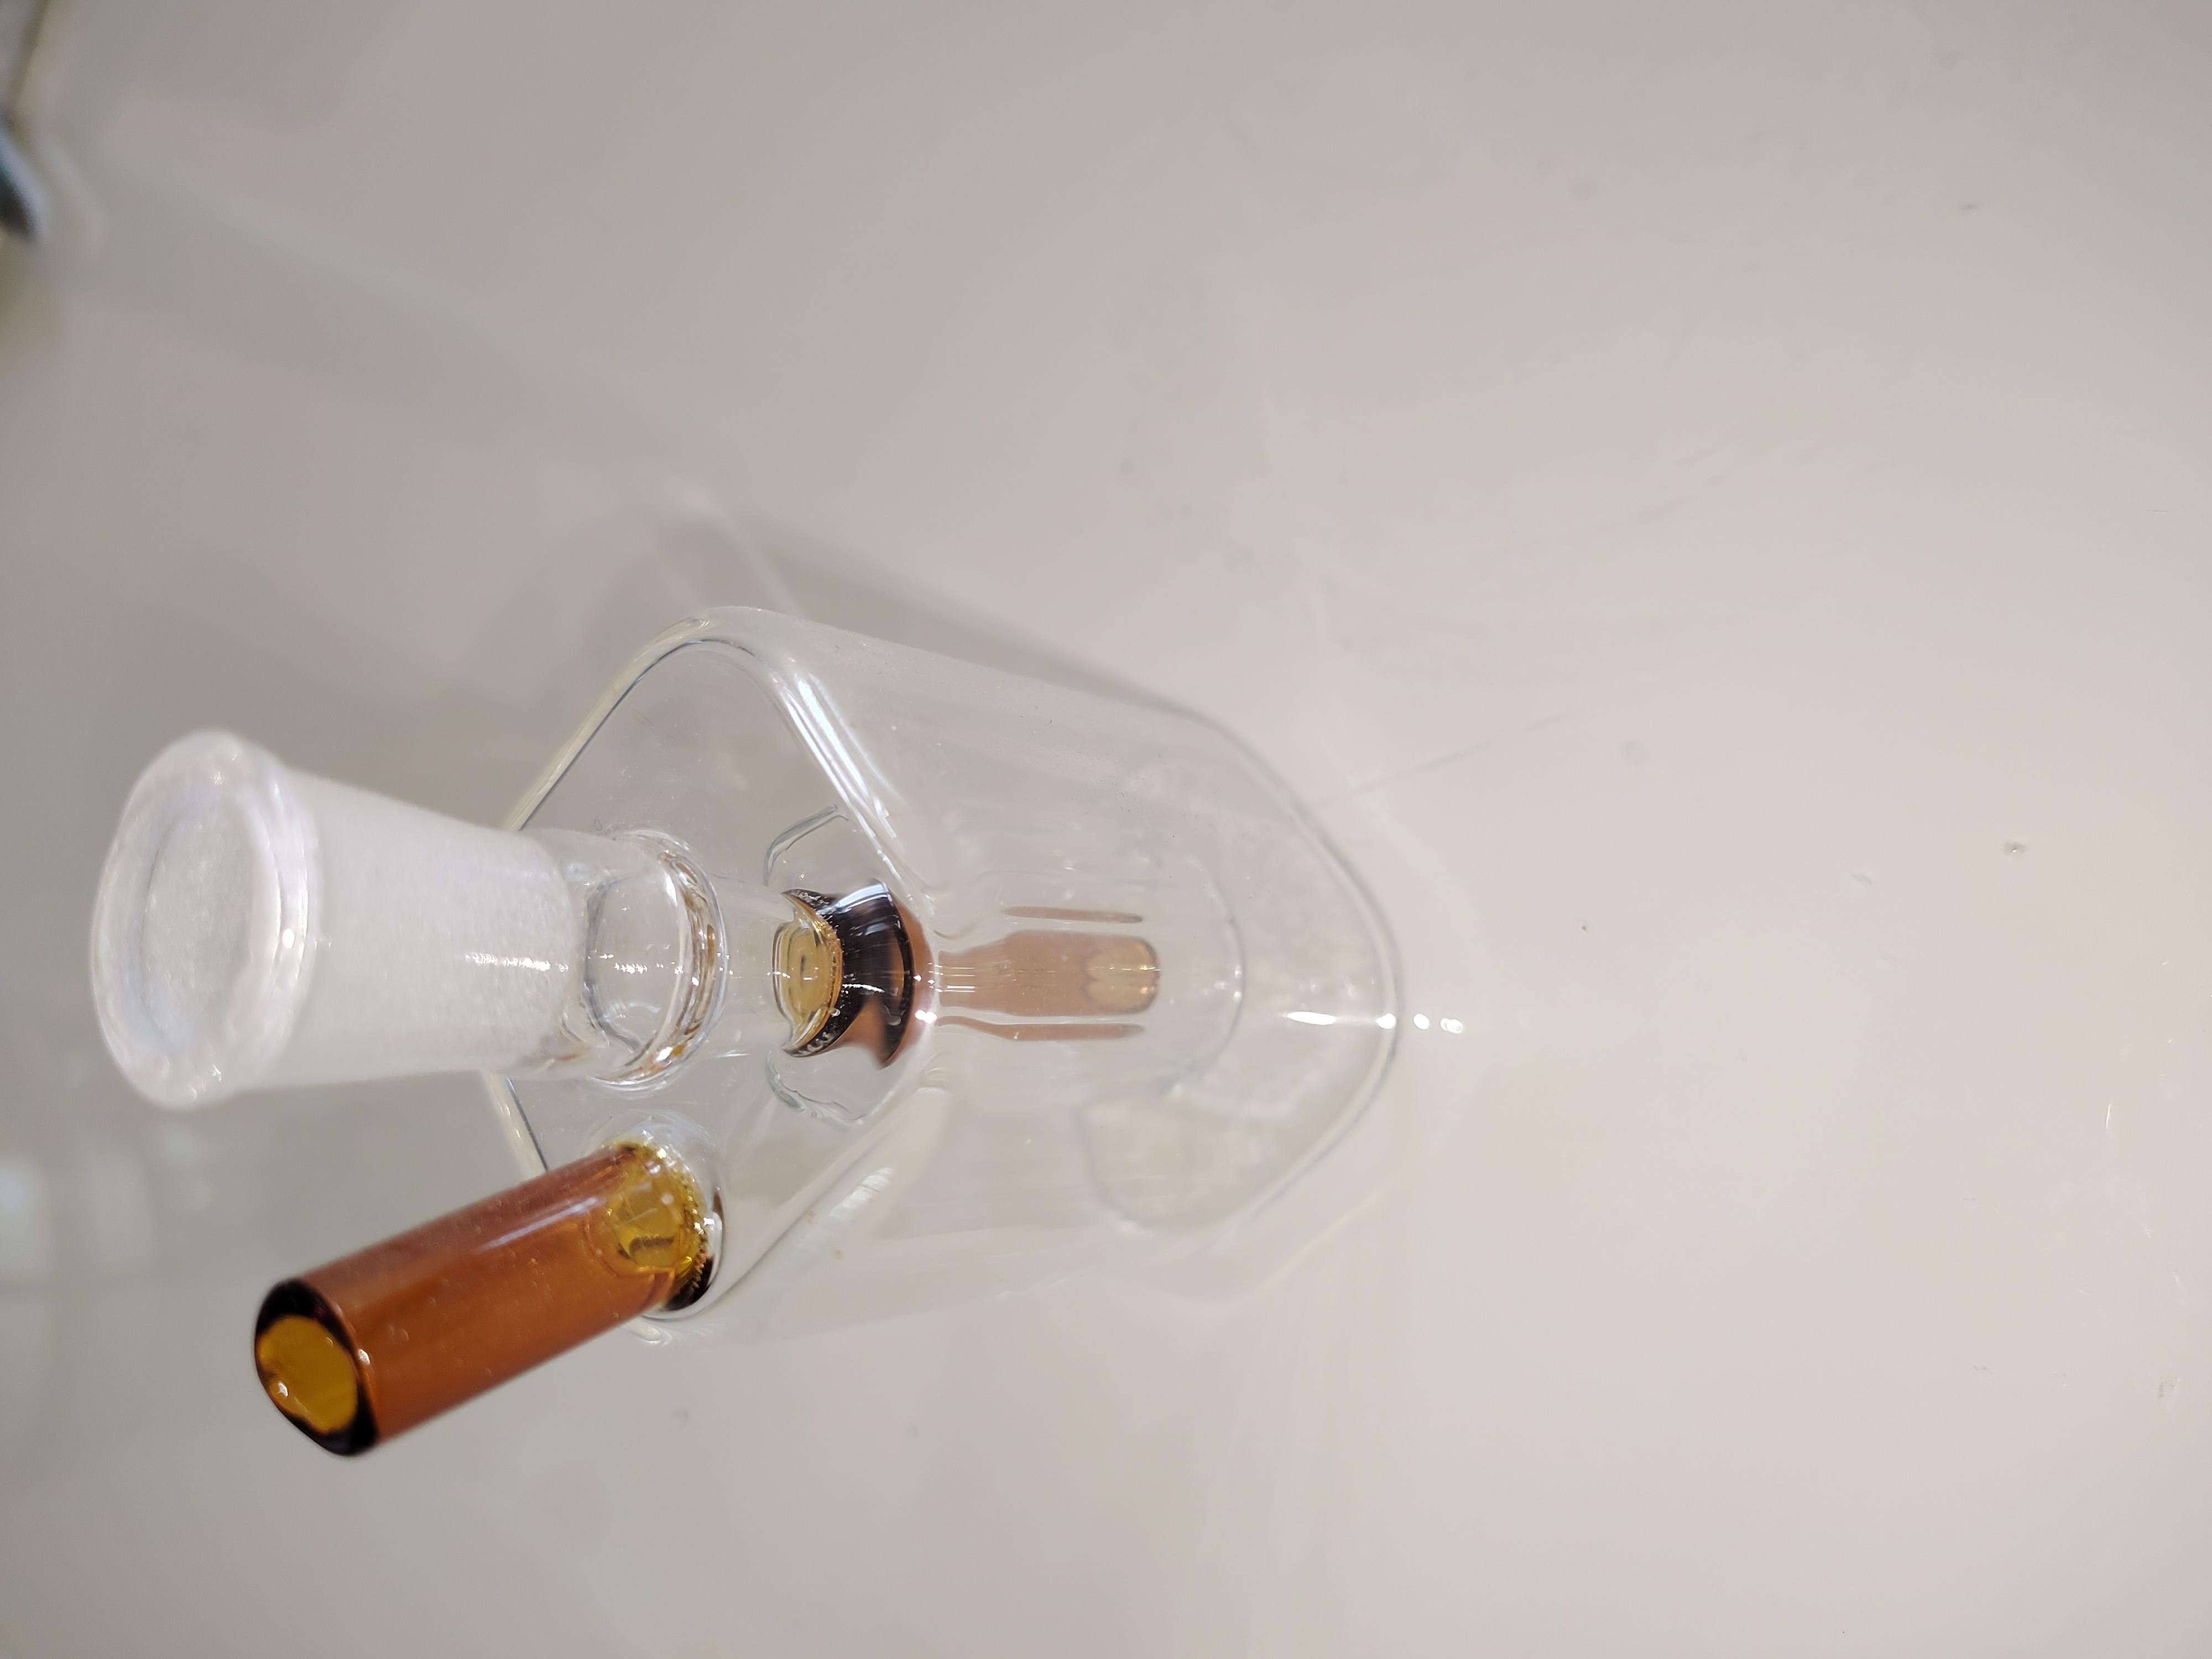 Дешевые аксессуары доставки масла стеклянной бутылки масло горелка стекло сигарета набор цветы сгорание портативных труб улавливателя свободной доставки 111